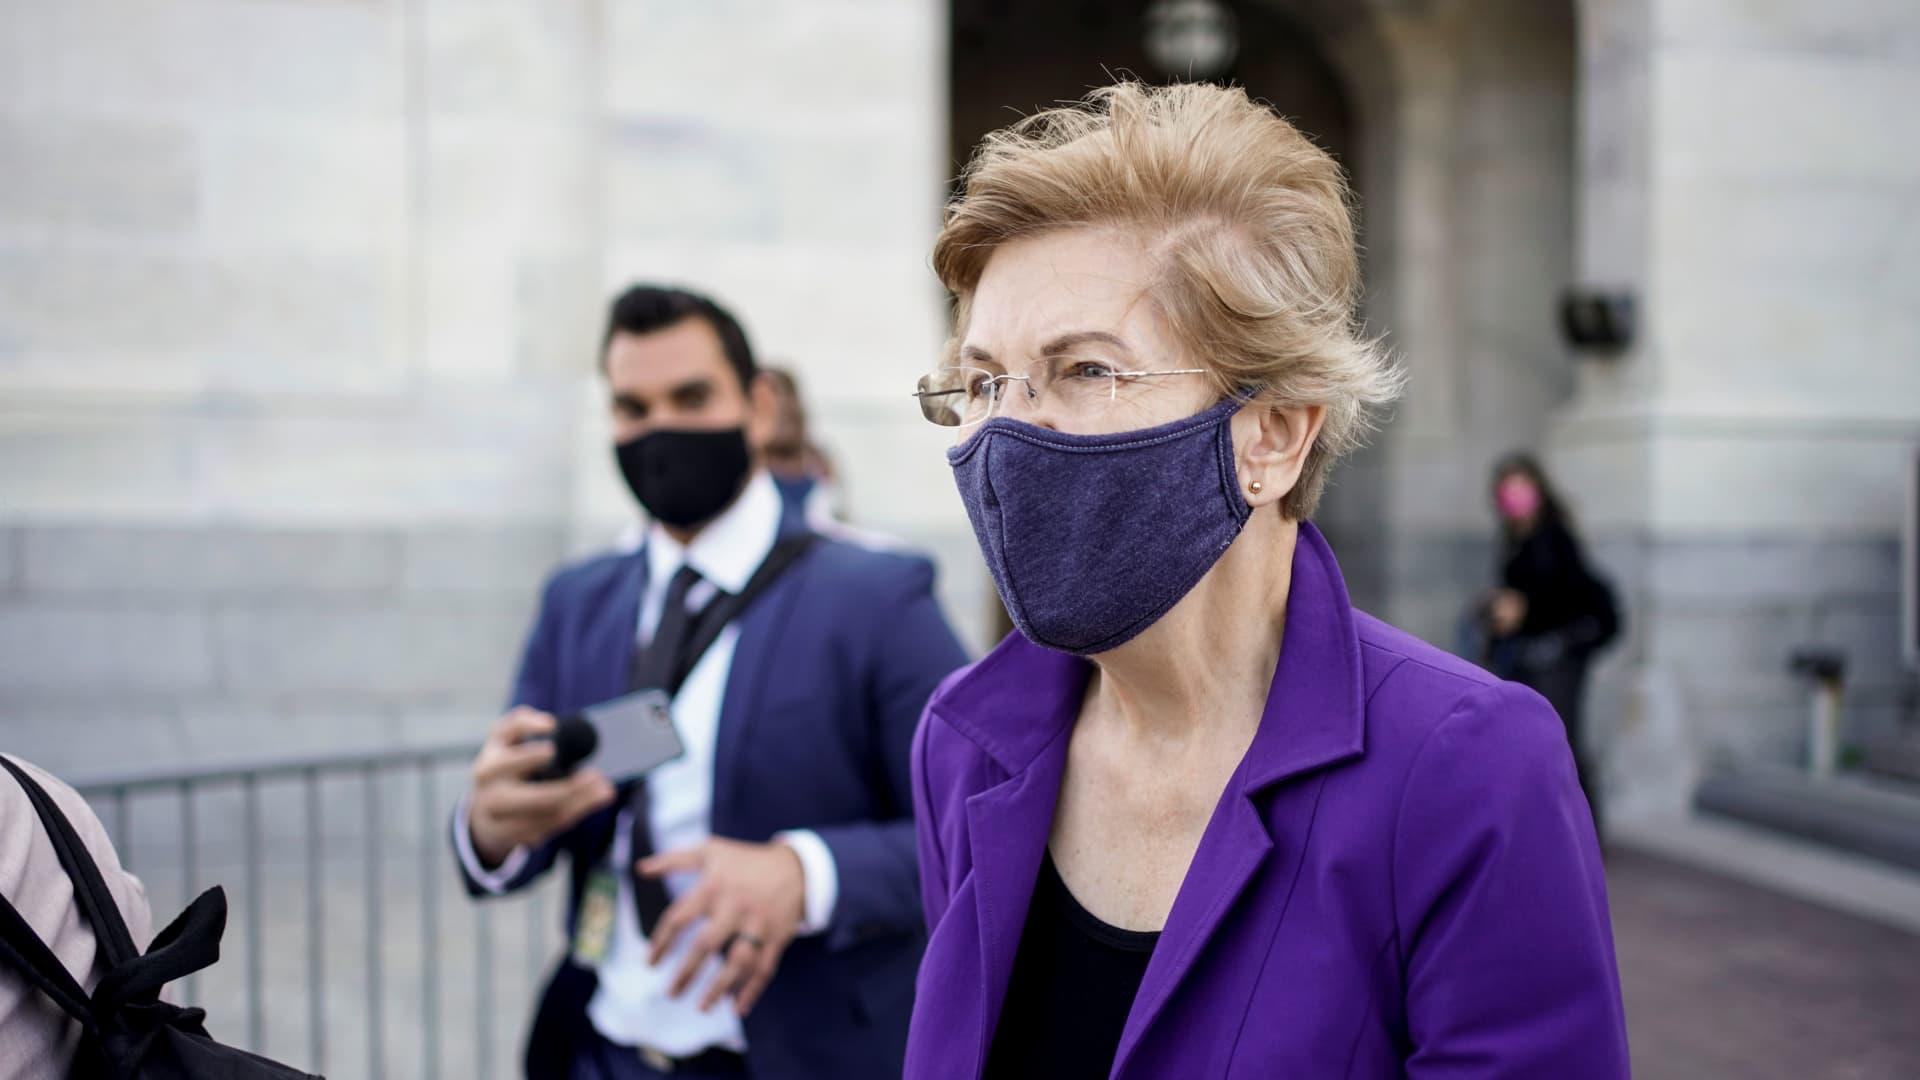 Senator Elizabeth Warren (D-MA) departs after a vote on Capitol Hill in Washington, U.S., September 22, 2020.